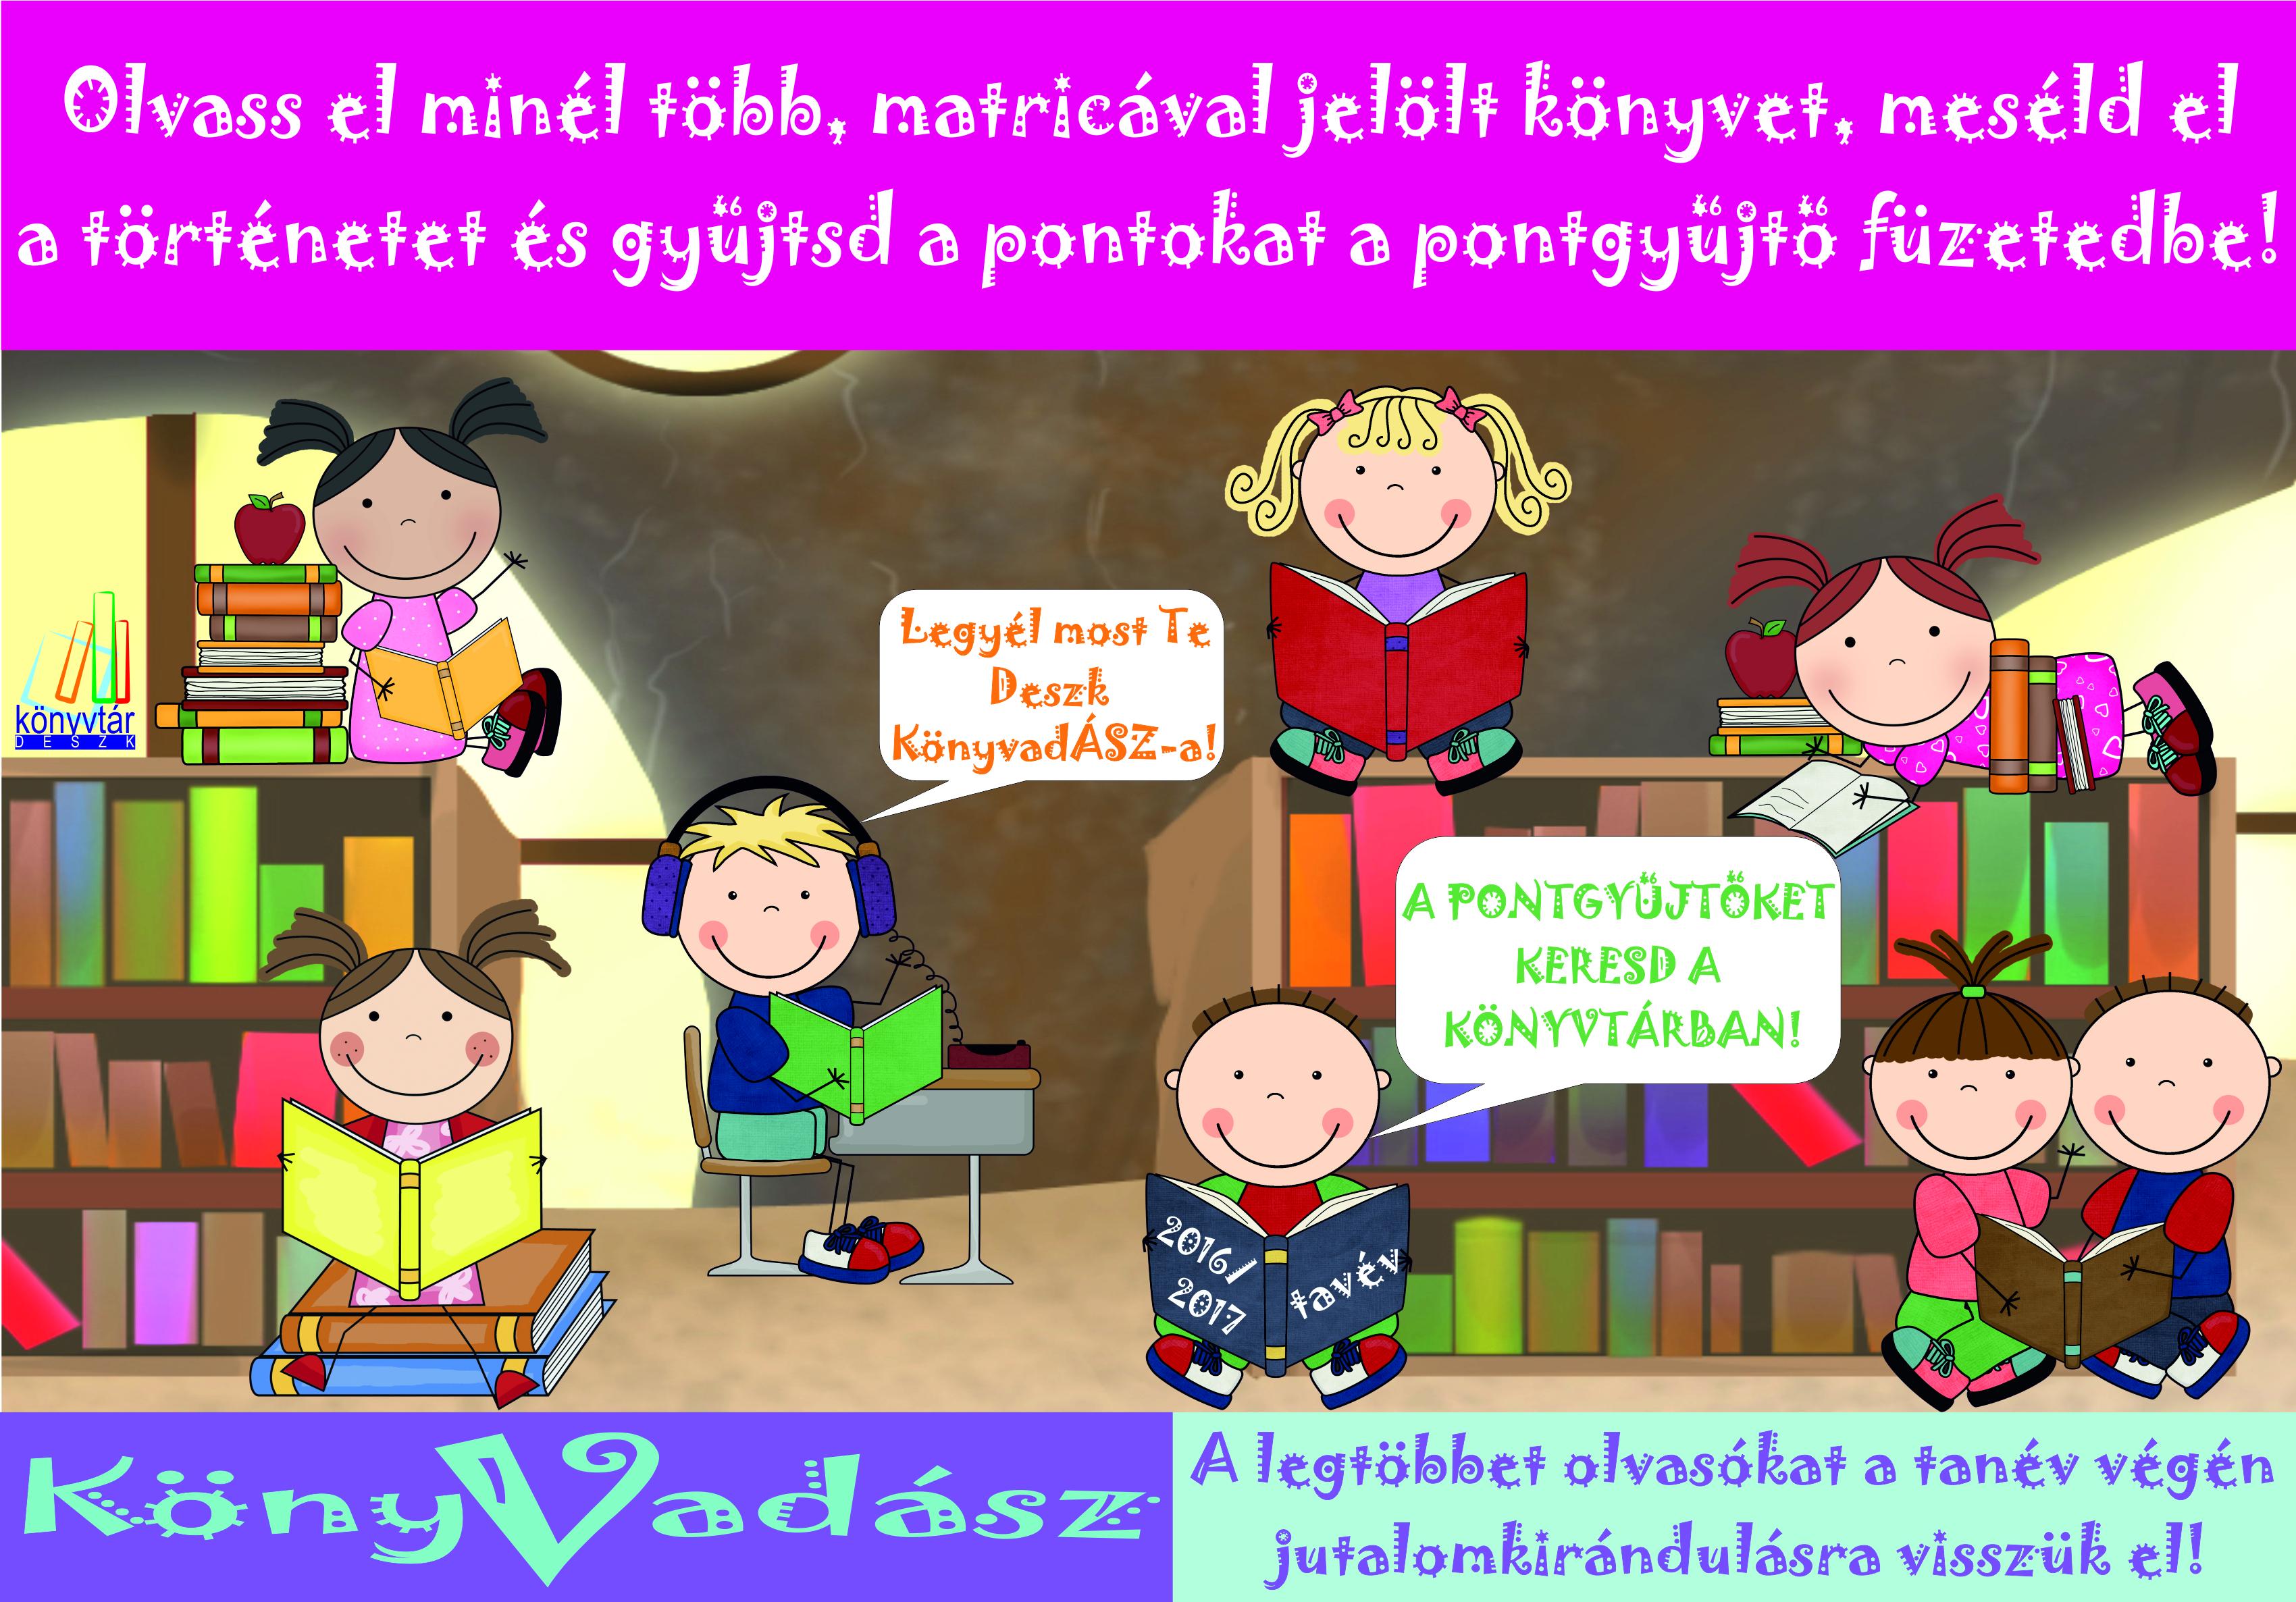 konyvadasz-plakat